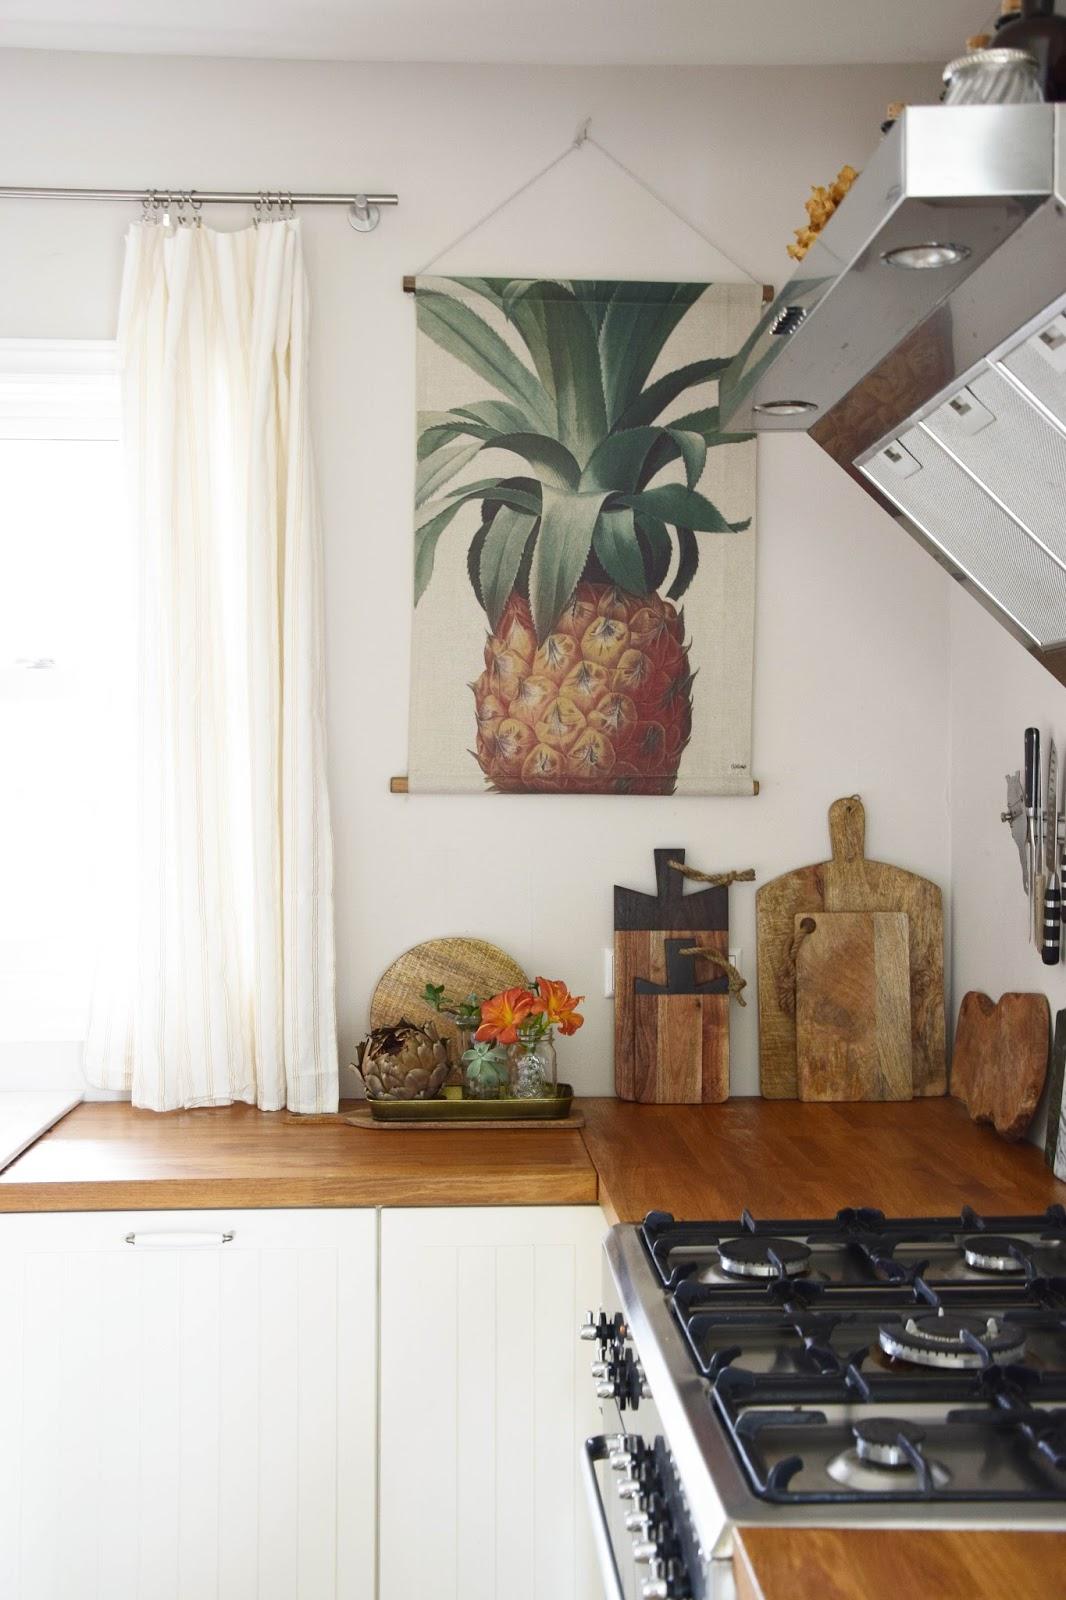 Full Size of Küche Wanddeko Meine Kche Ananas Fr Wand Mrs Greenery Beistelltisch Wasserhahn Modulküche Jalousieschrank Planen Nischenrückwand Was Kostet Eine Neue Wohnzimmer Küche Wanddeko